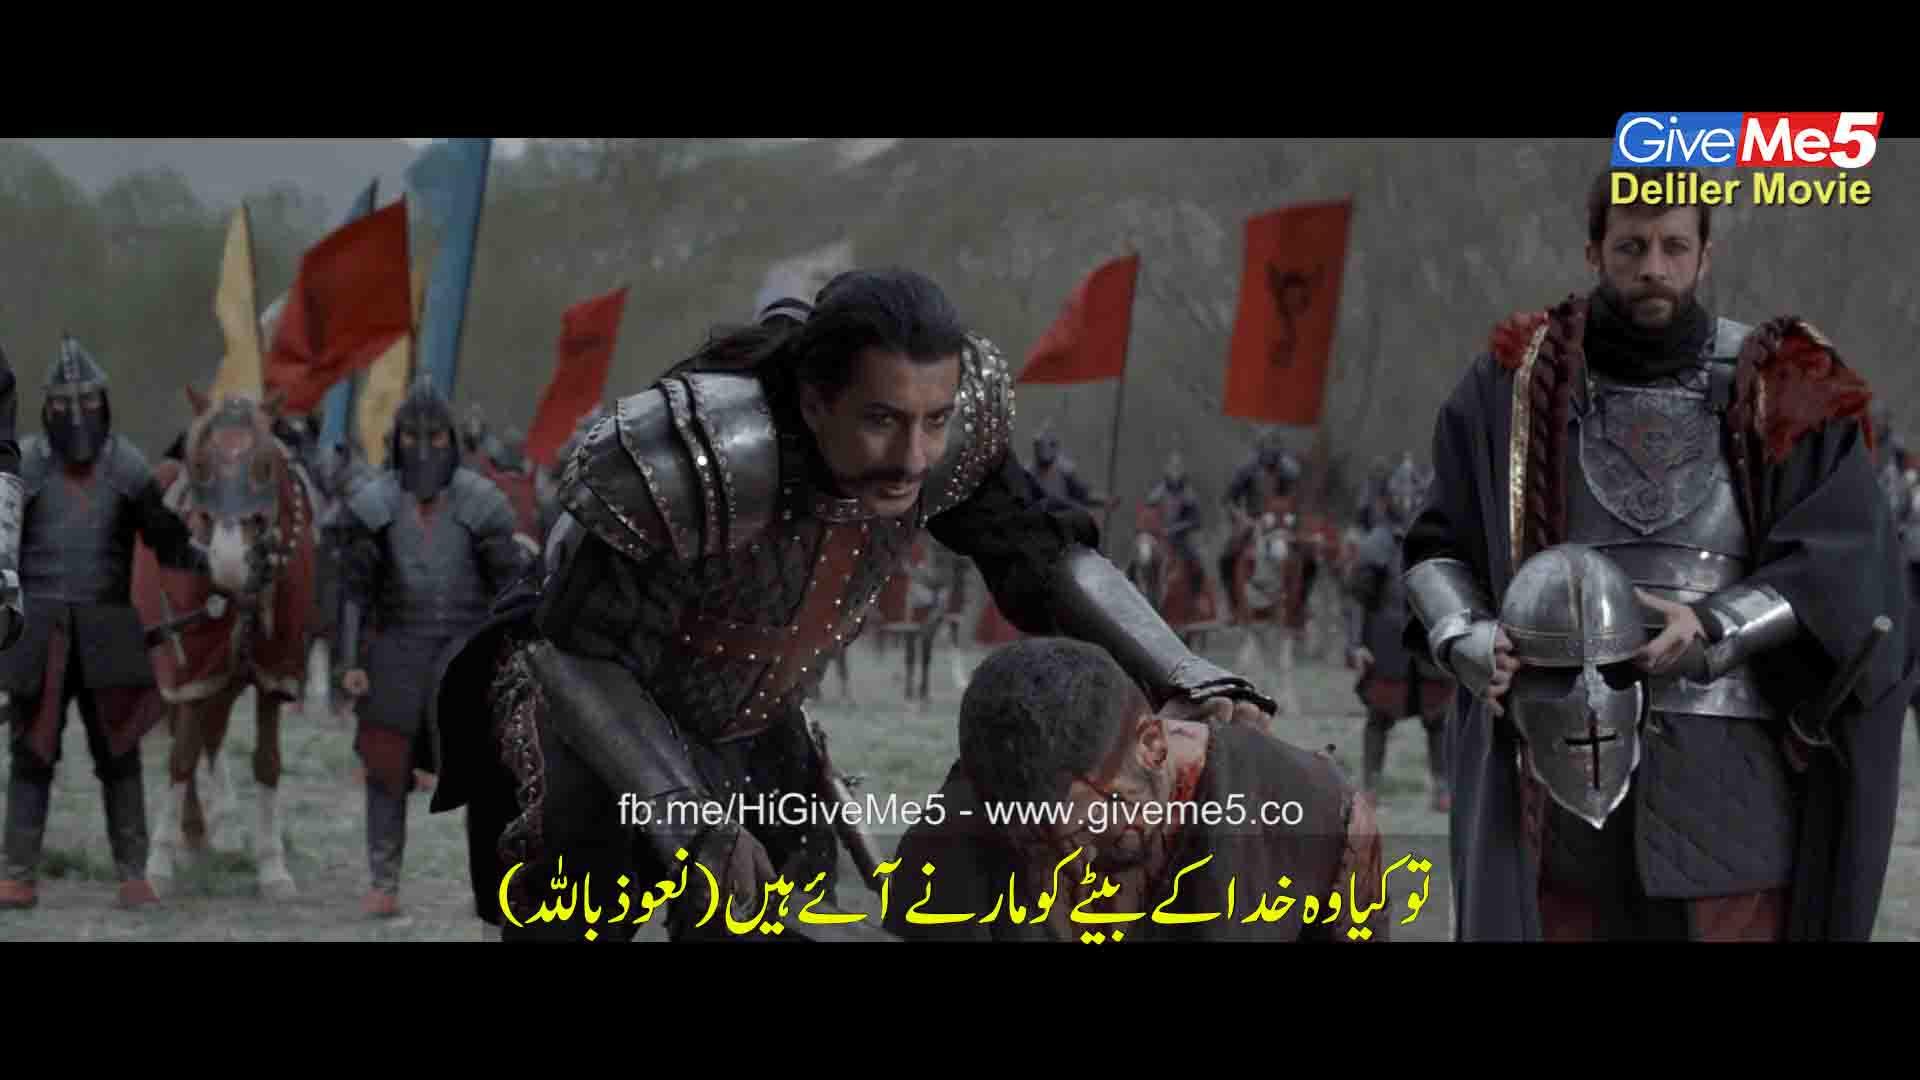 Deliler Urdu | Turkish Dramas in urdu | Www giveme5 co